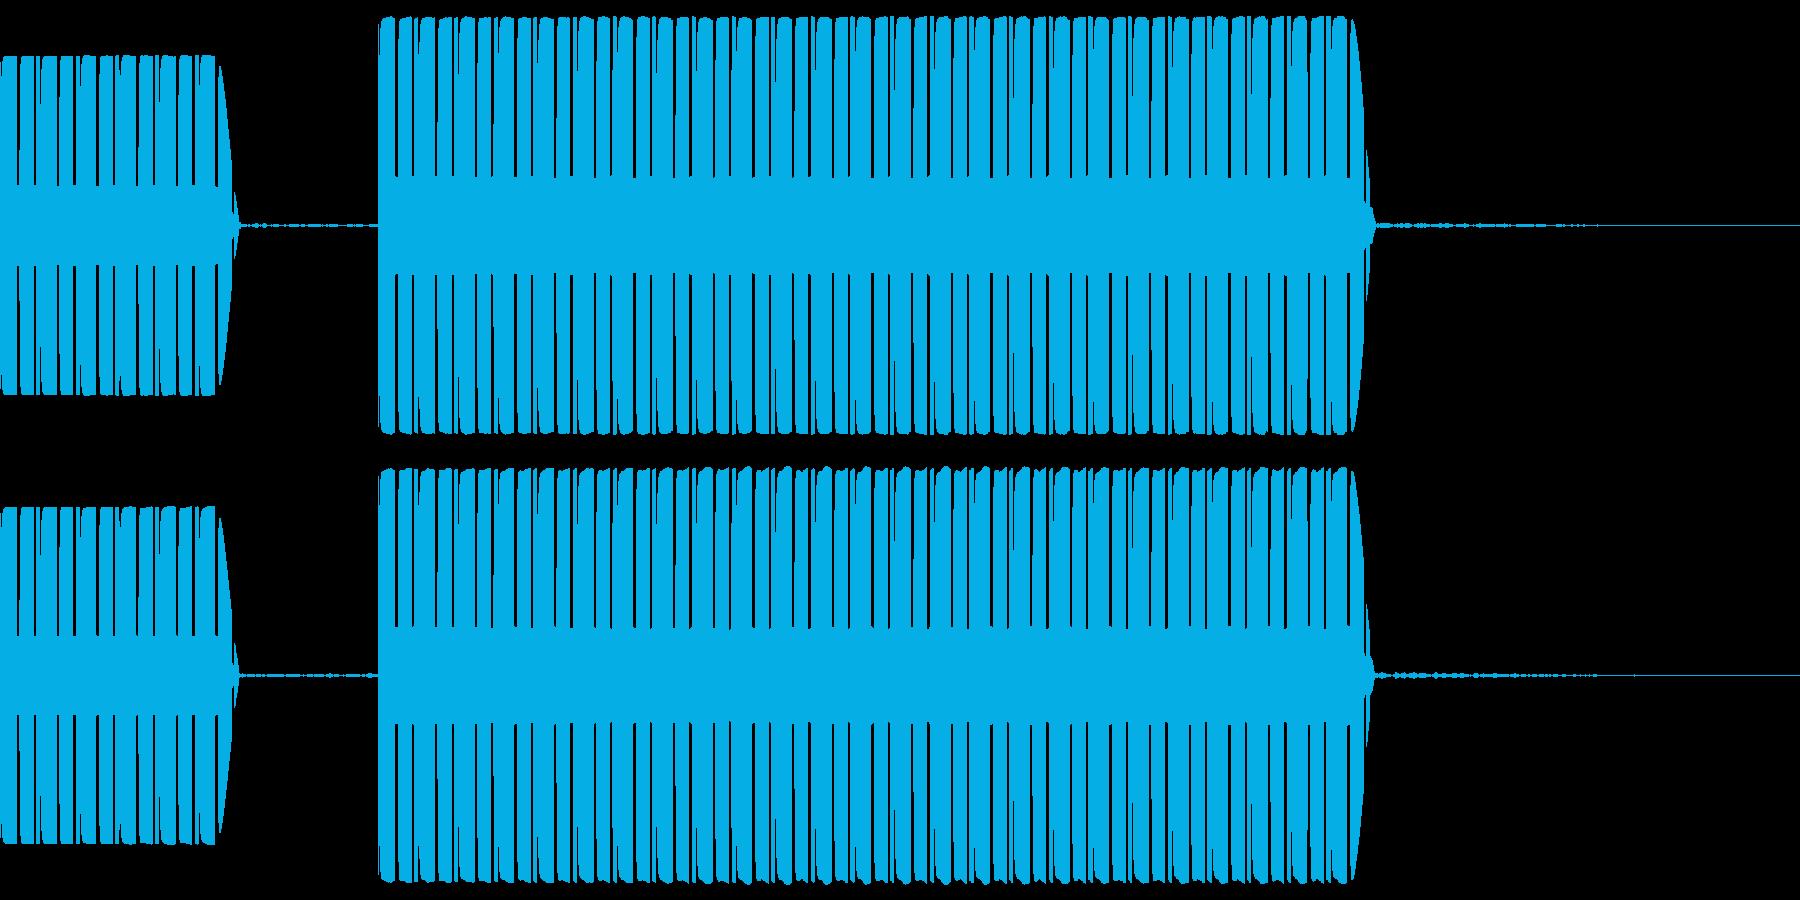 不正解音 ブッブー  (スタンダード)の再生済みの波形